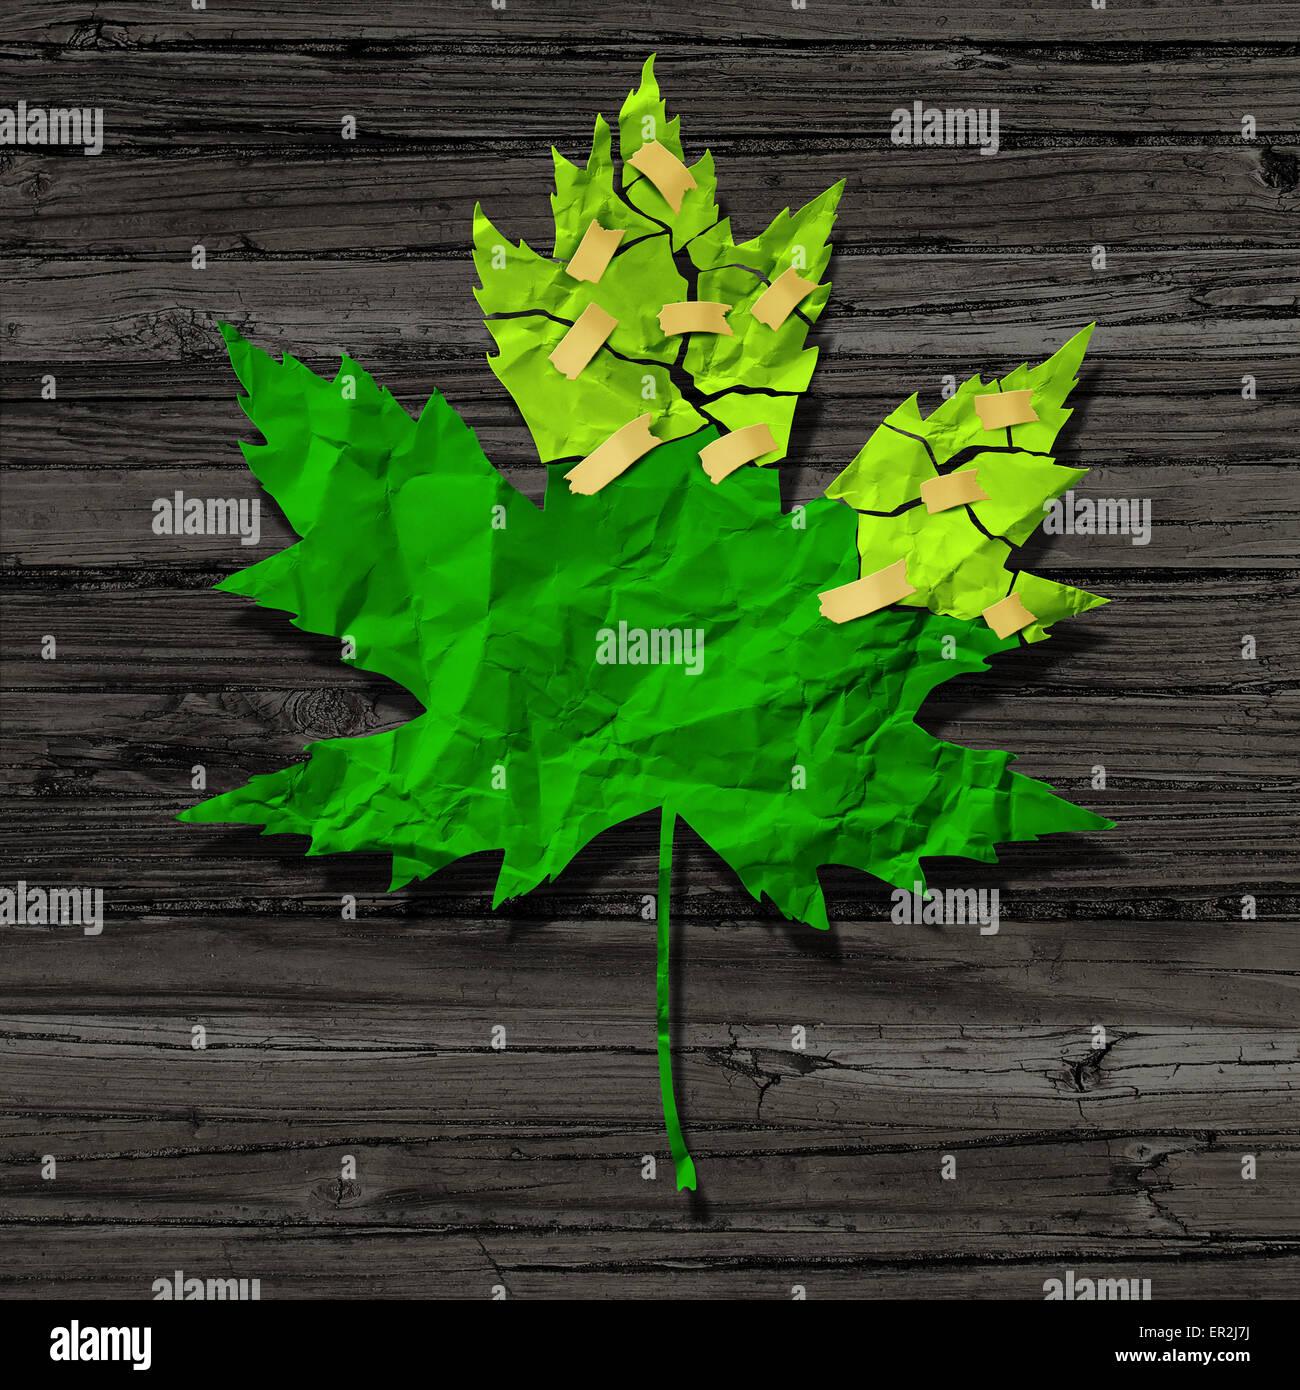 Concepto de preservación ambiental como un recorte de papel arrugado verde torne roto reparado con cinta como Imagen De Stock